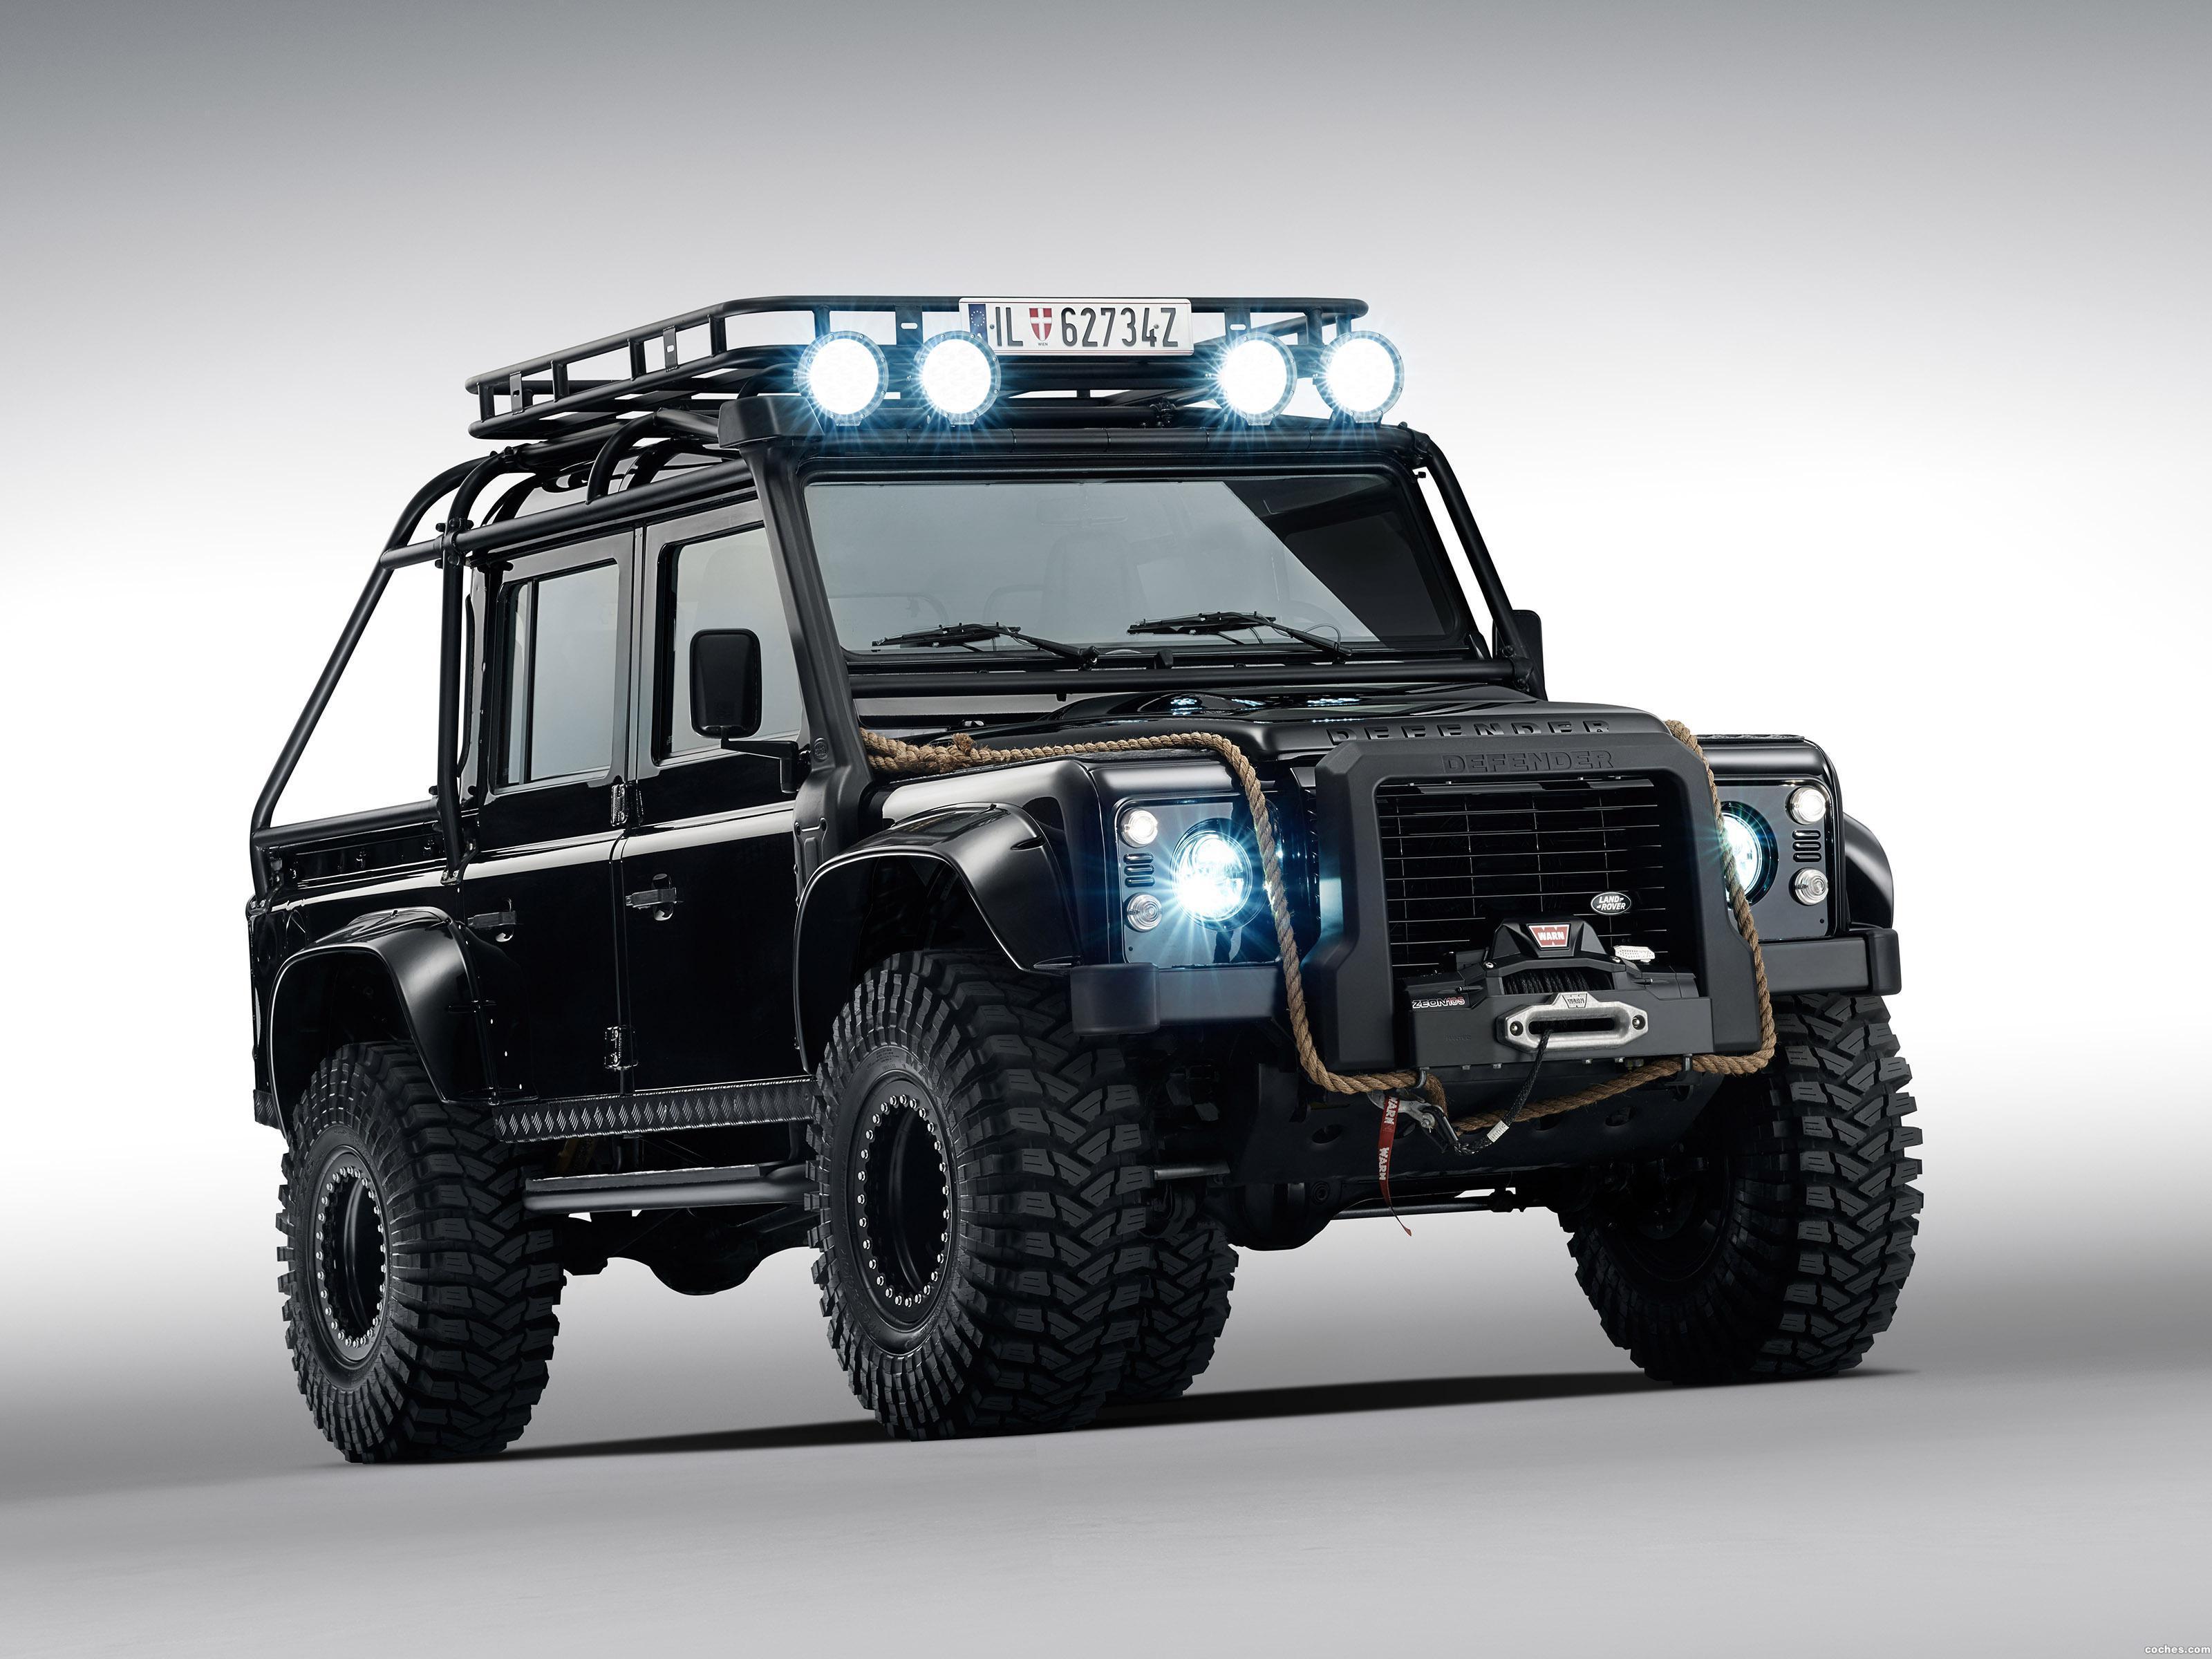 Foto 0 de Land Rover Defender 110 007 Spectre 2015